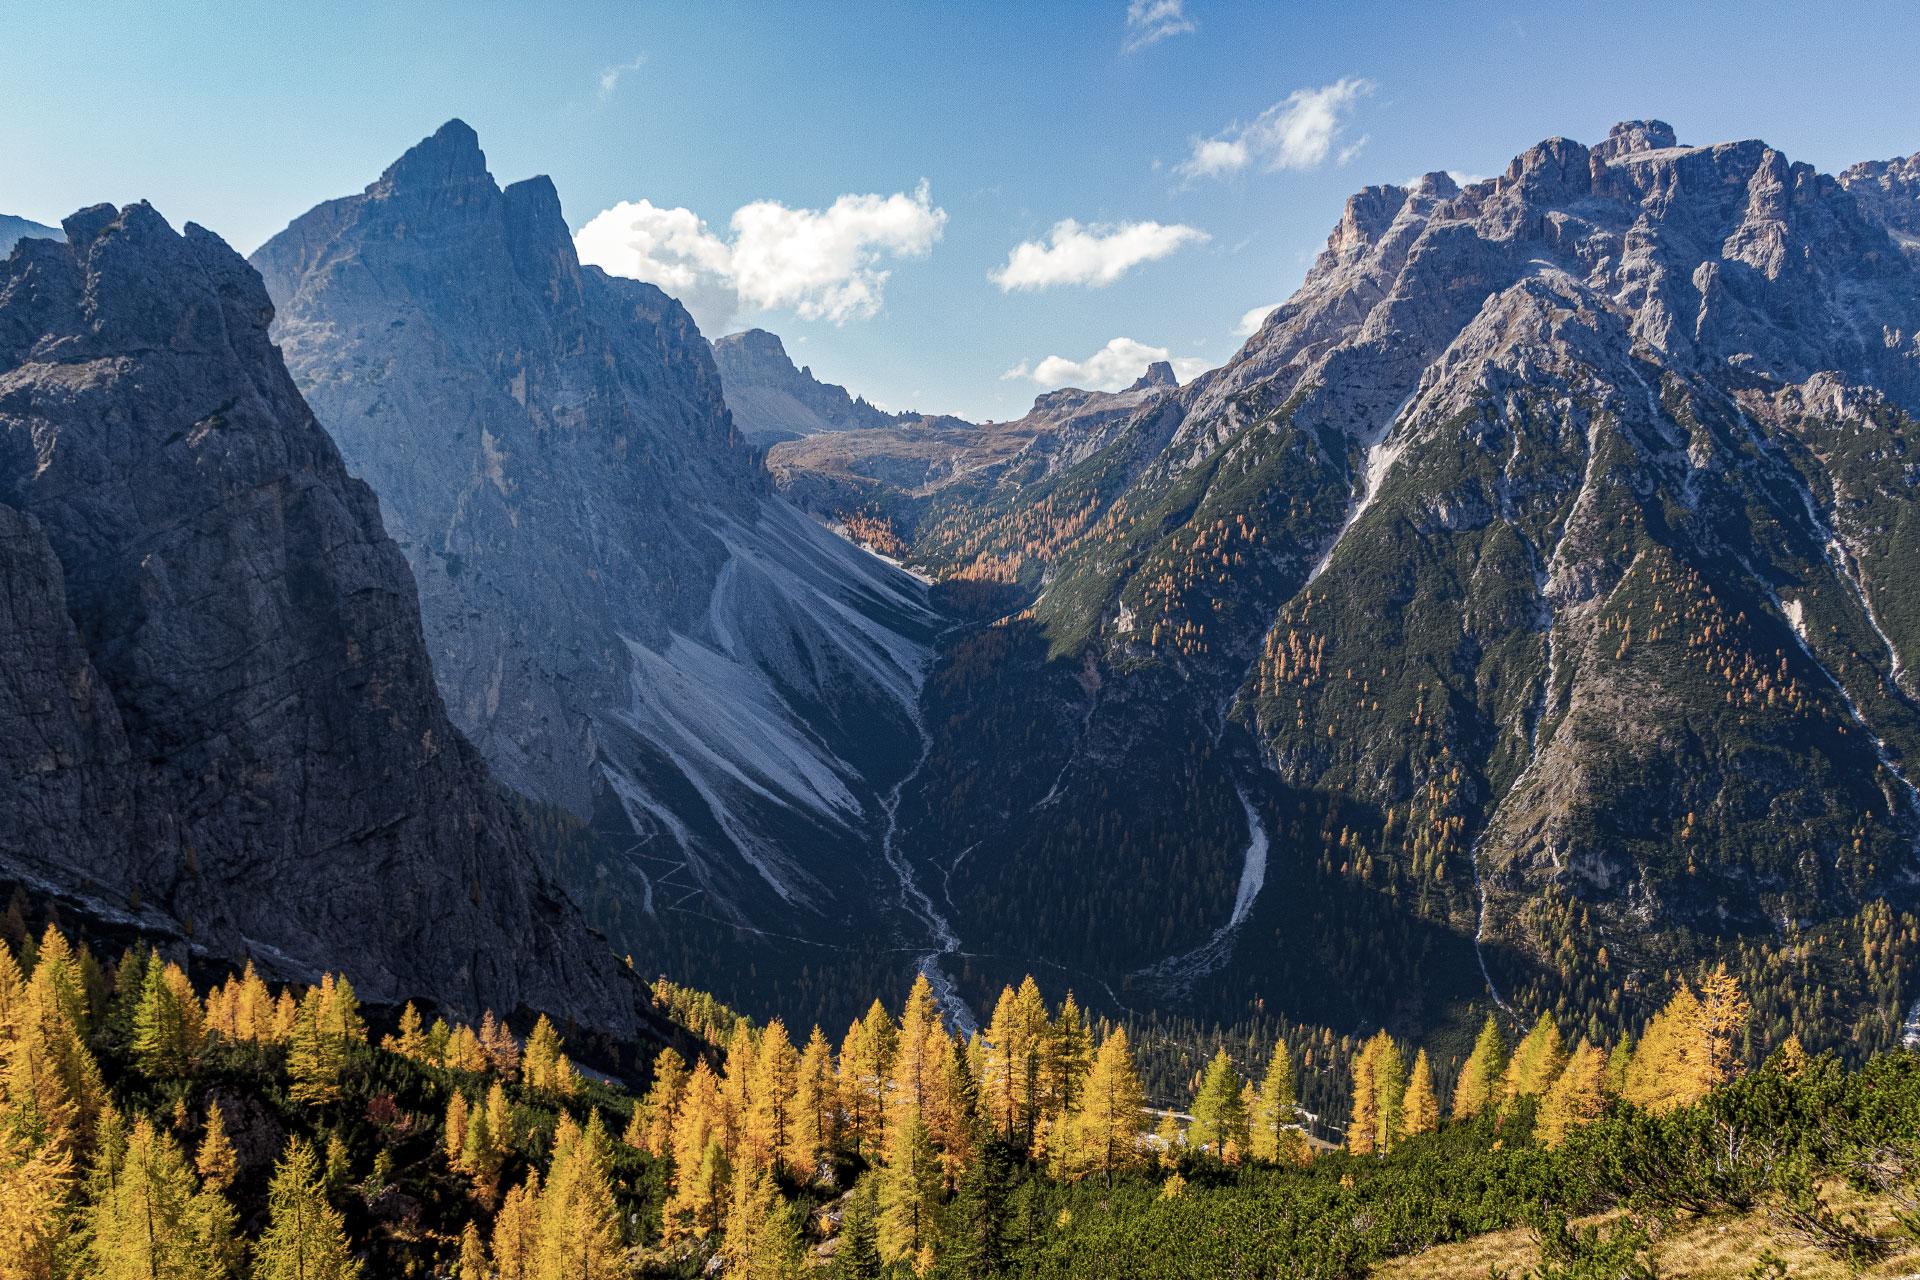 Von der Drei-Zinnen-Hütte am Pass bis hinunter ins Fischleintal erfasst der Blick knapp 1.000 Höhenmeter